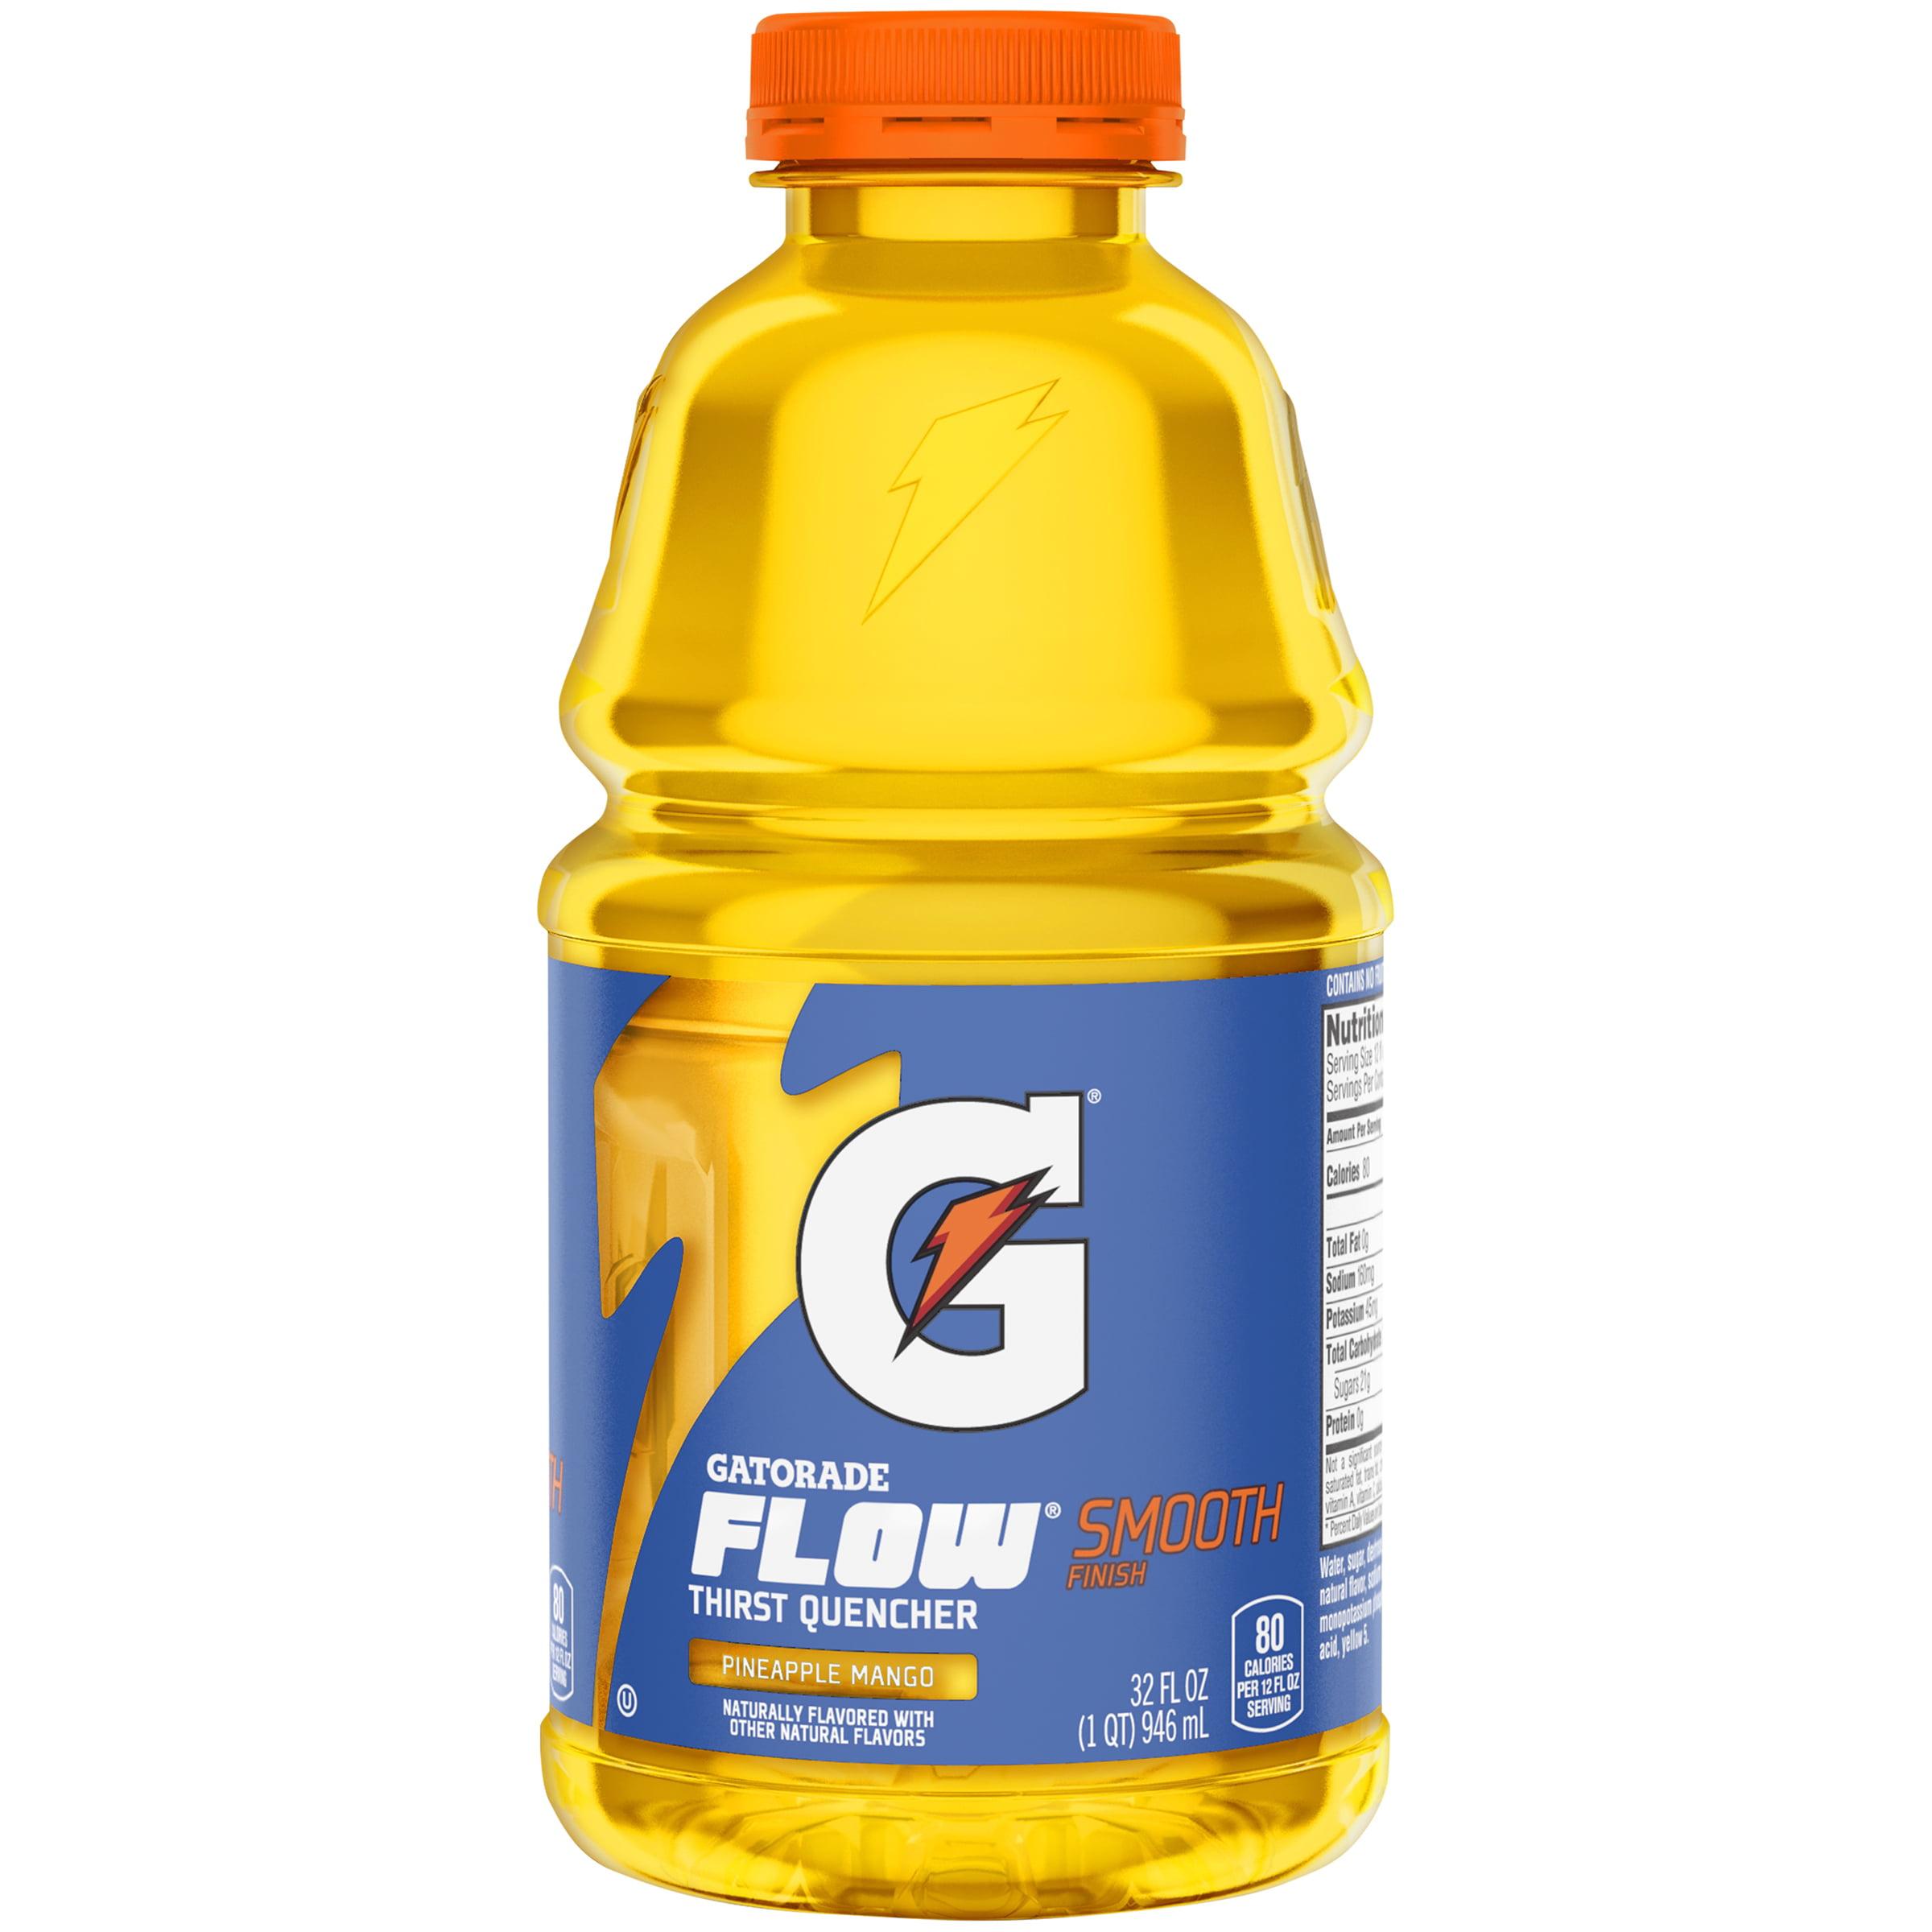 Gatorade Flow® Smooth Finish Pineapple Mango Thirst Quencher 32 fl. oz. Bottle